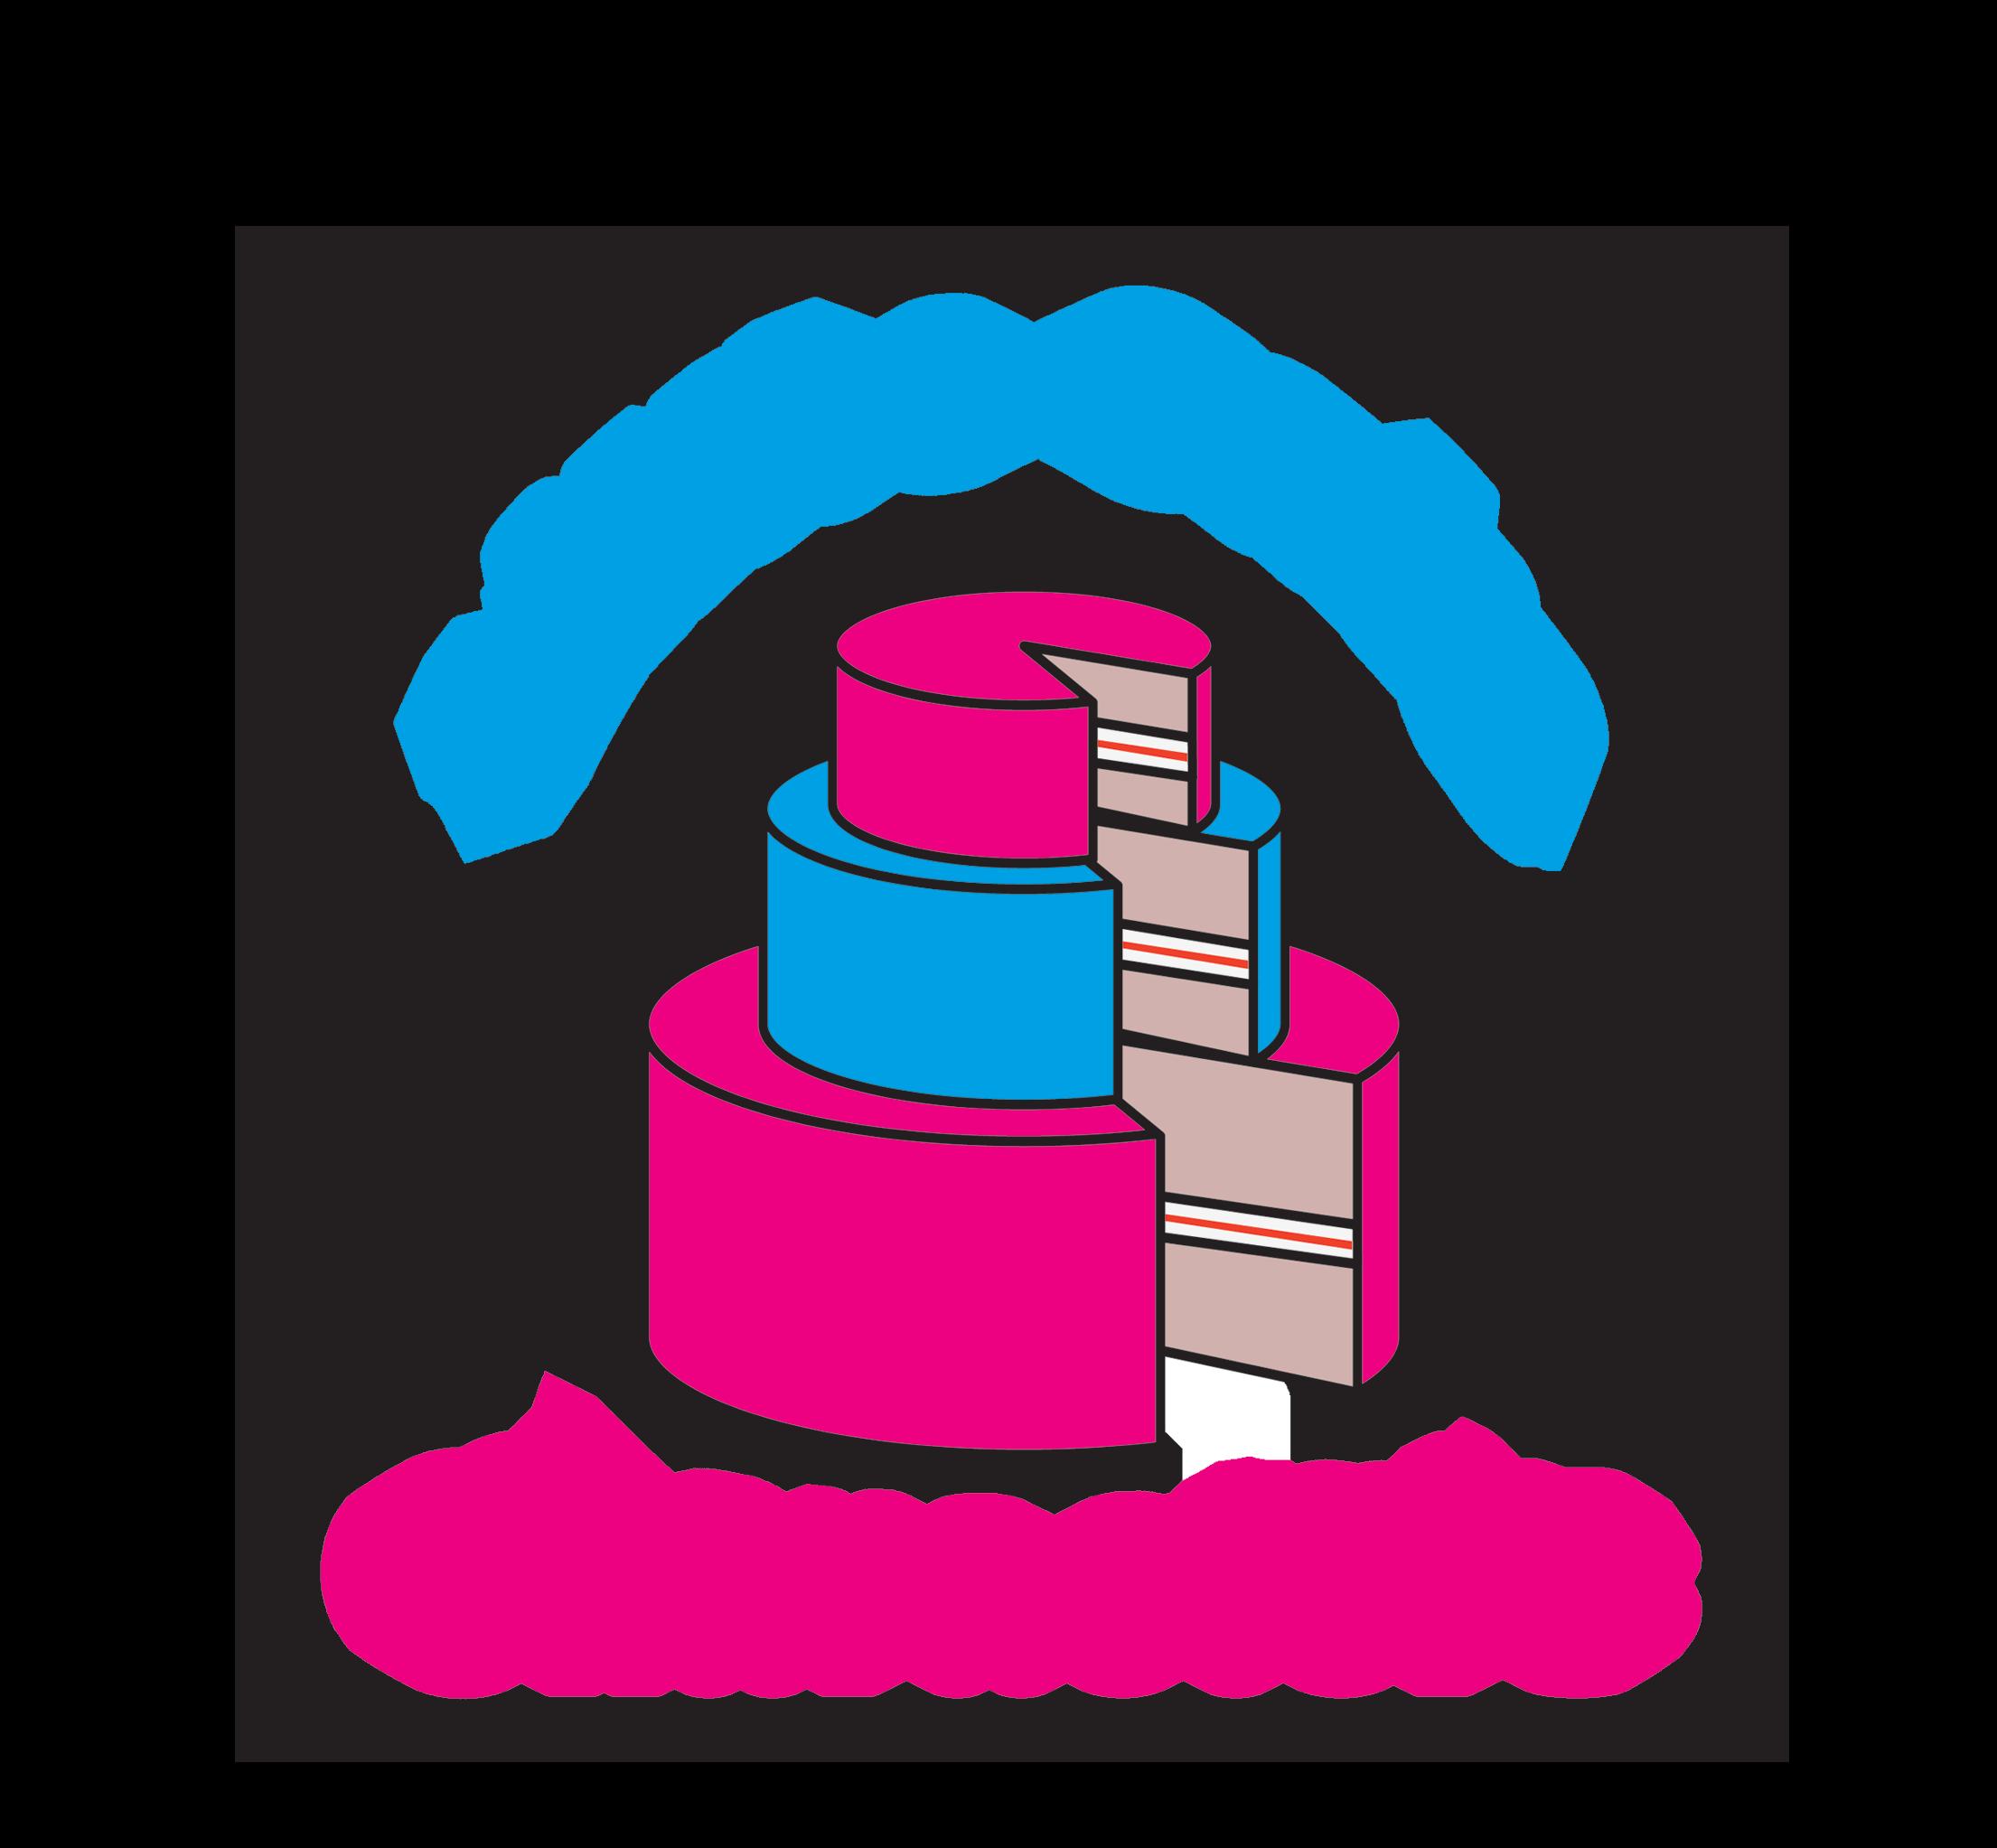 LittleCakeCharacters